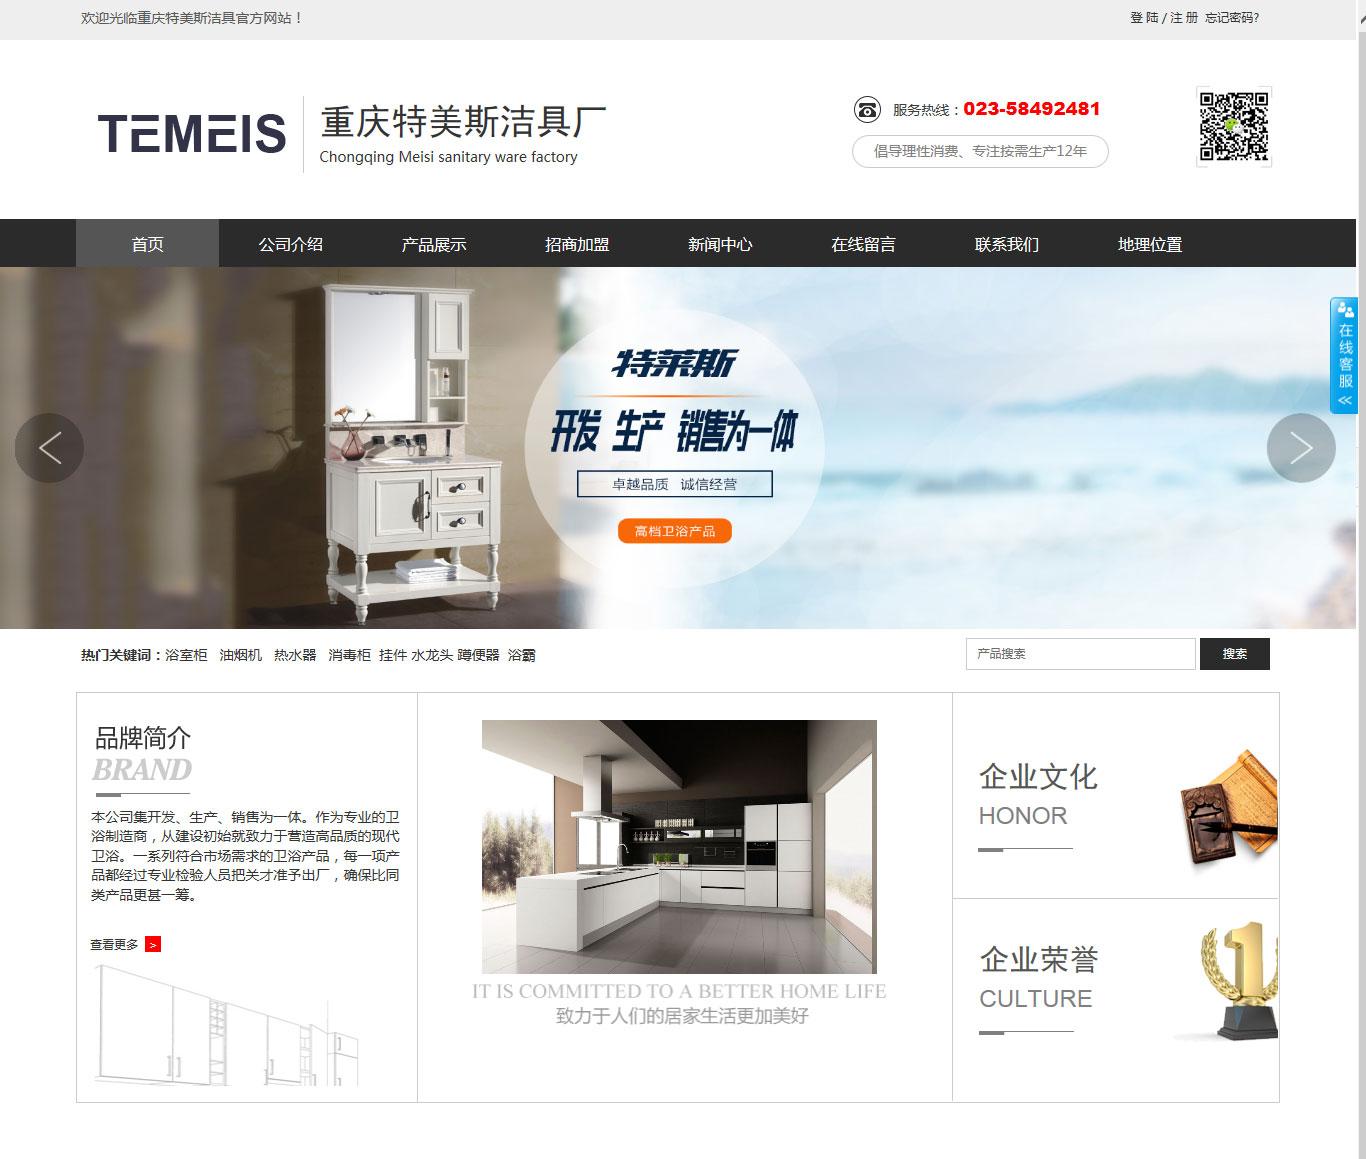 卫浴门窗公司企业网站建设模板...